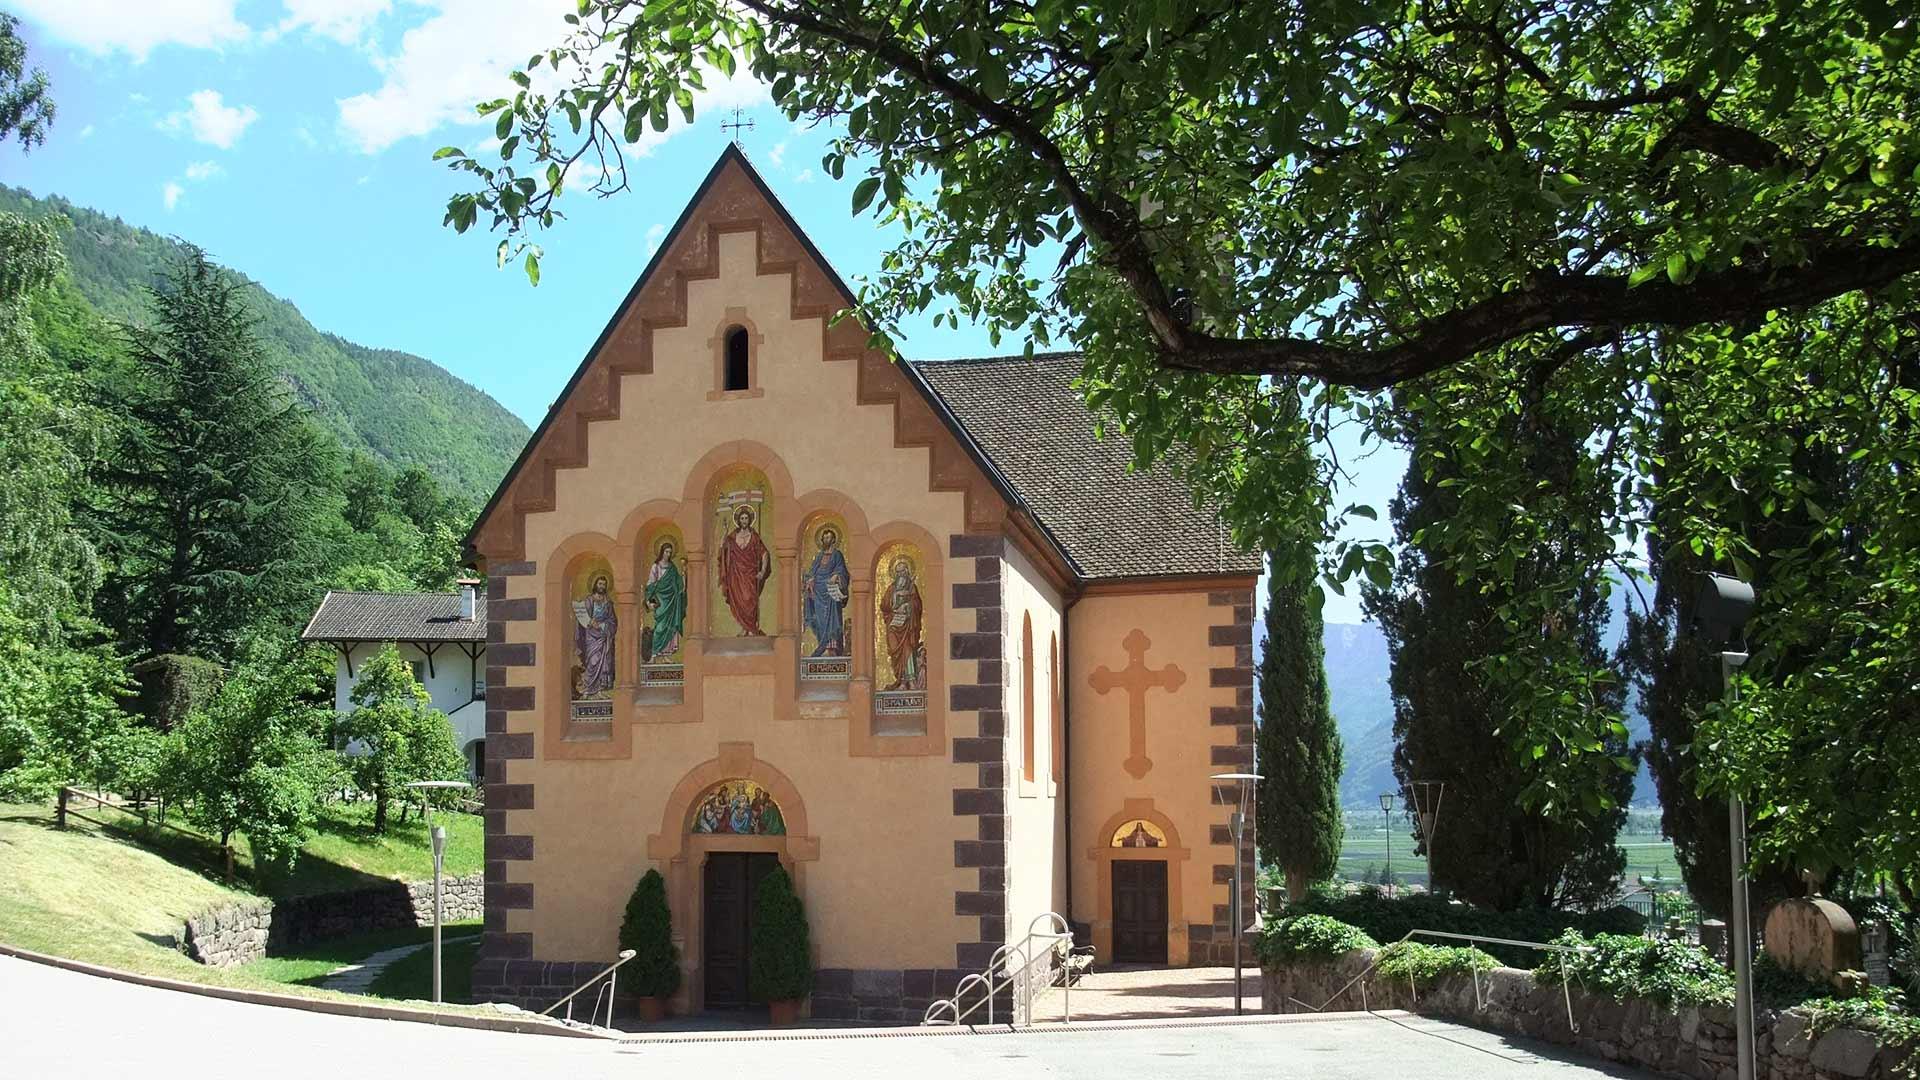 Kirche von Burgstall